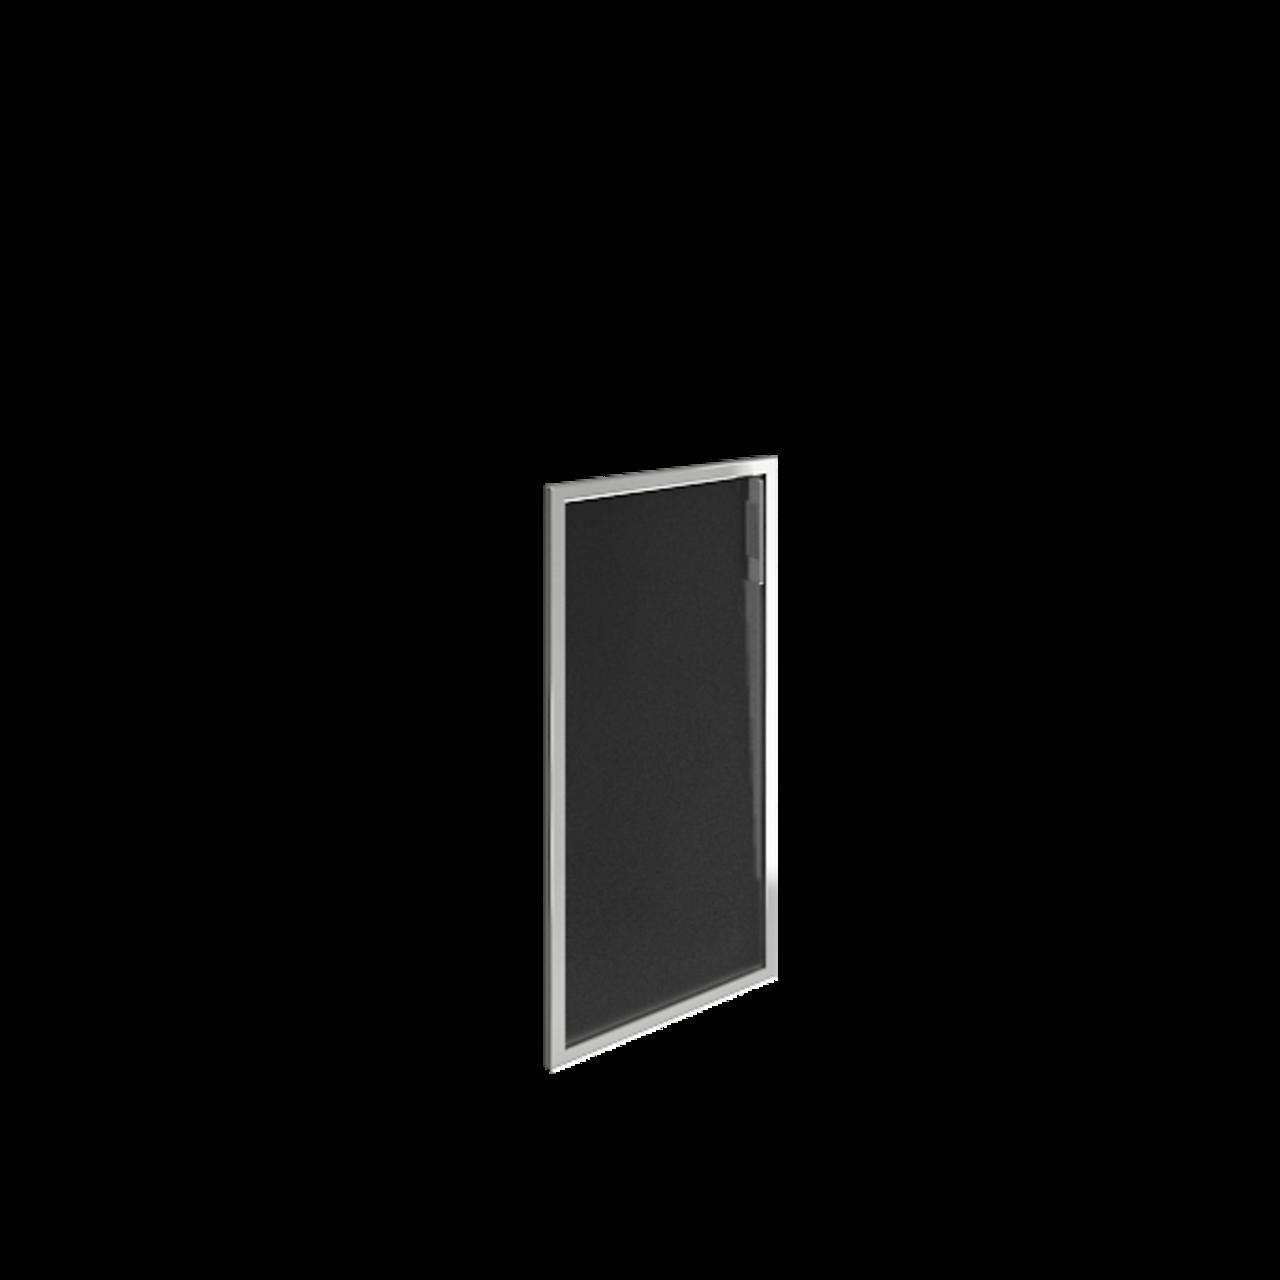 Дверь стекло в раме низкое Lacobel black левая - фото 2